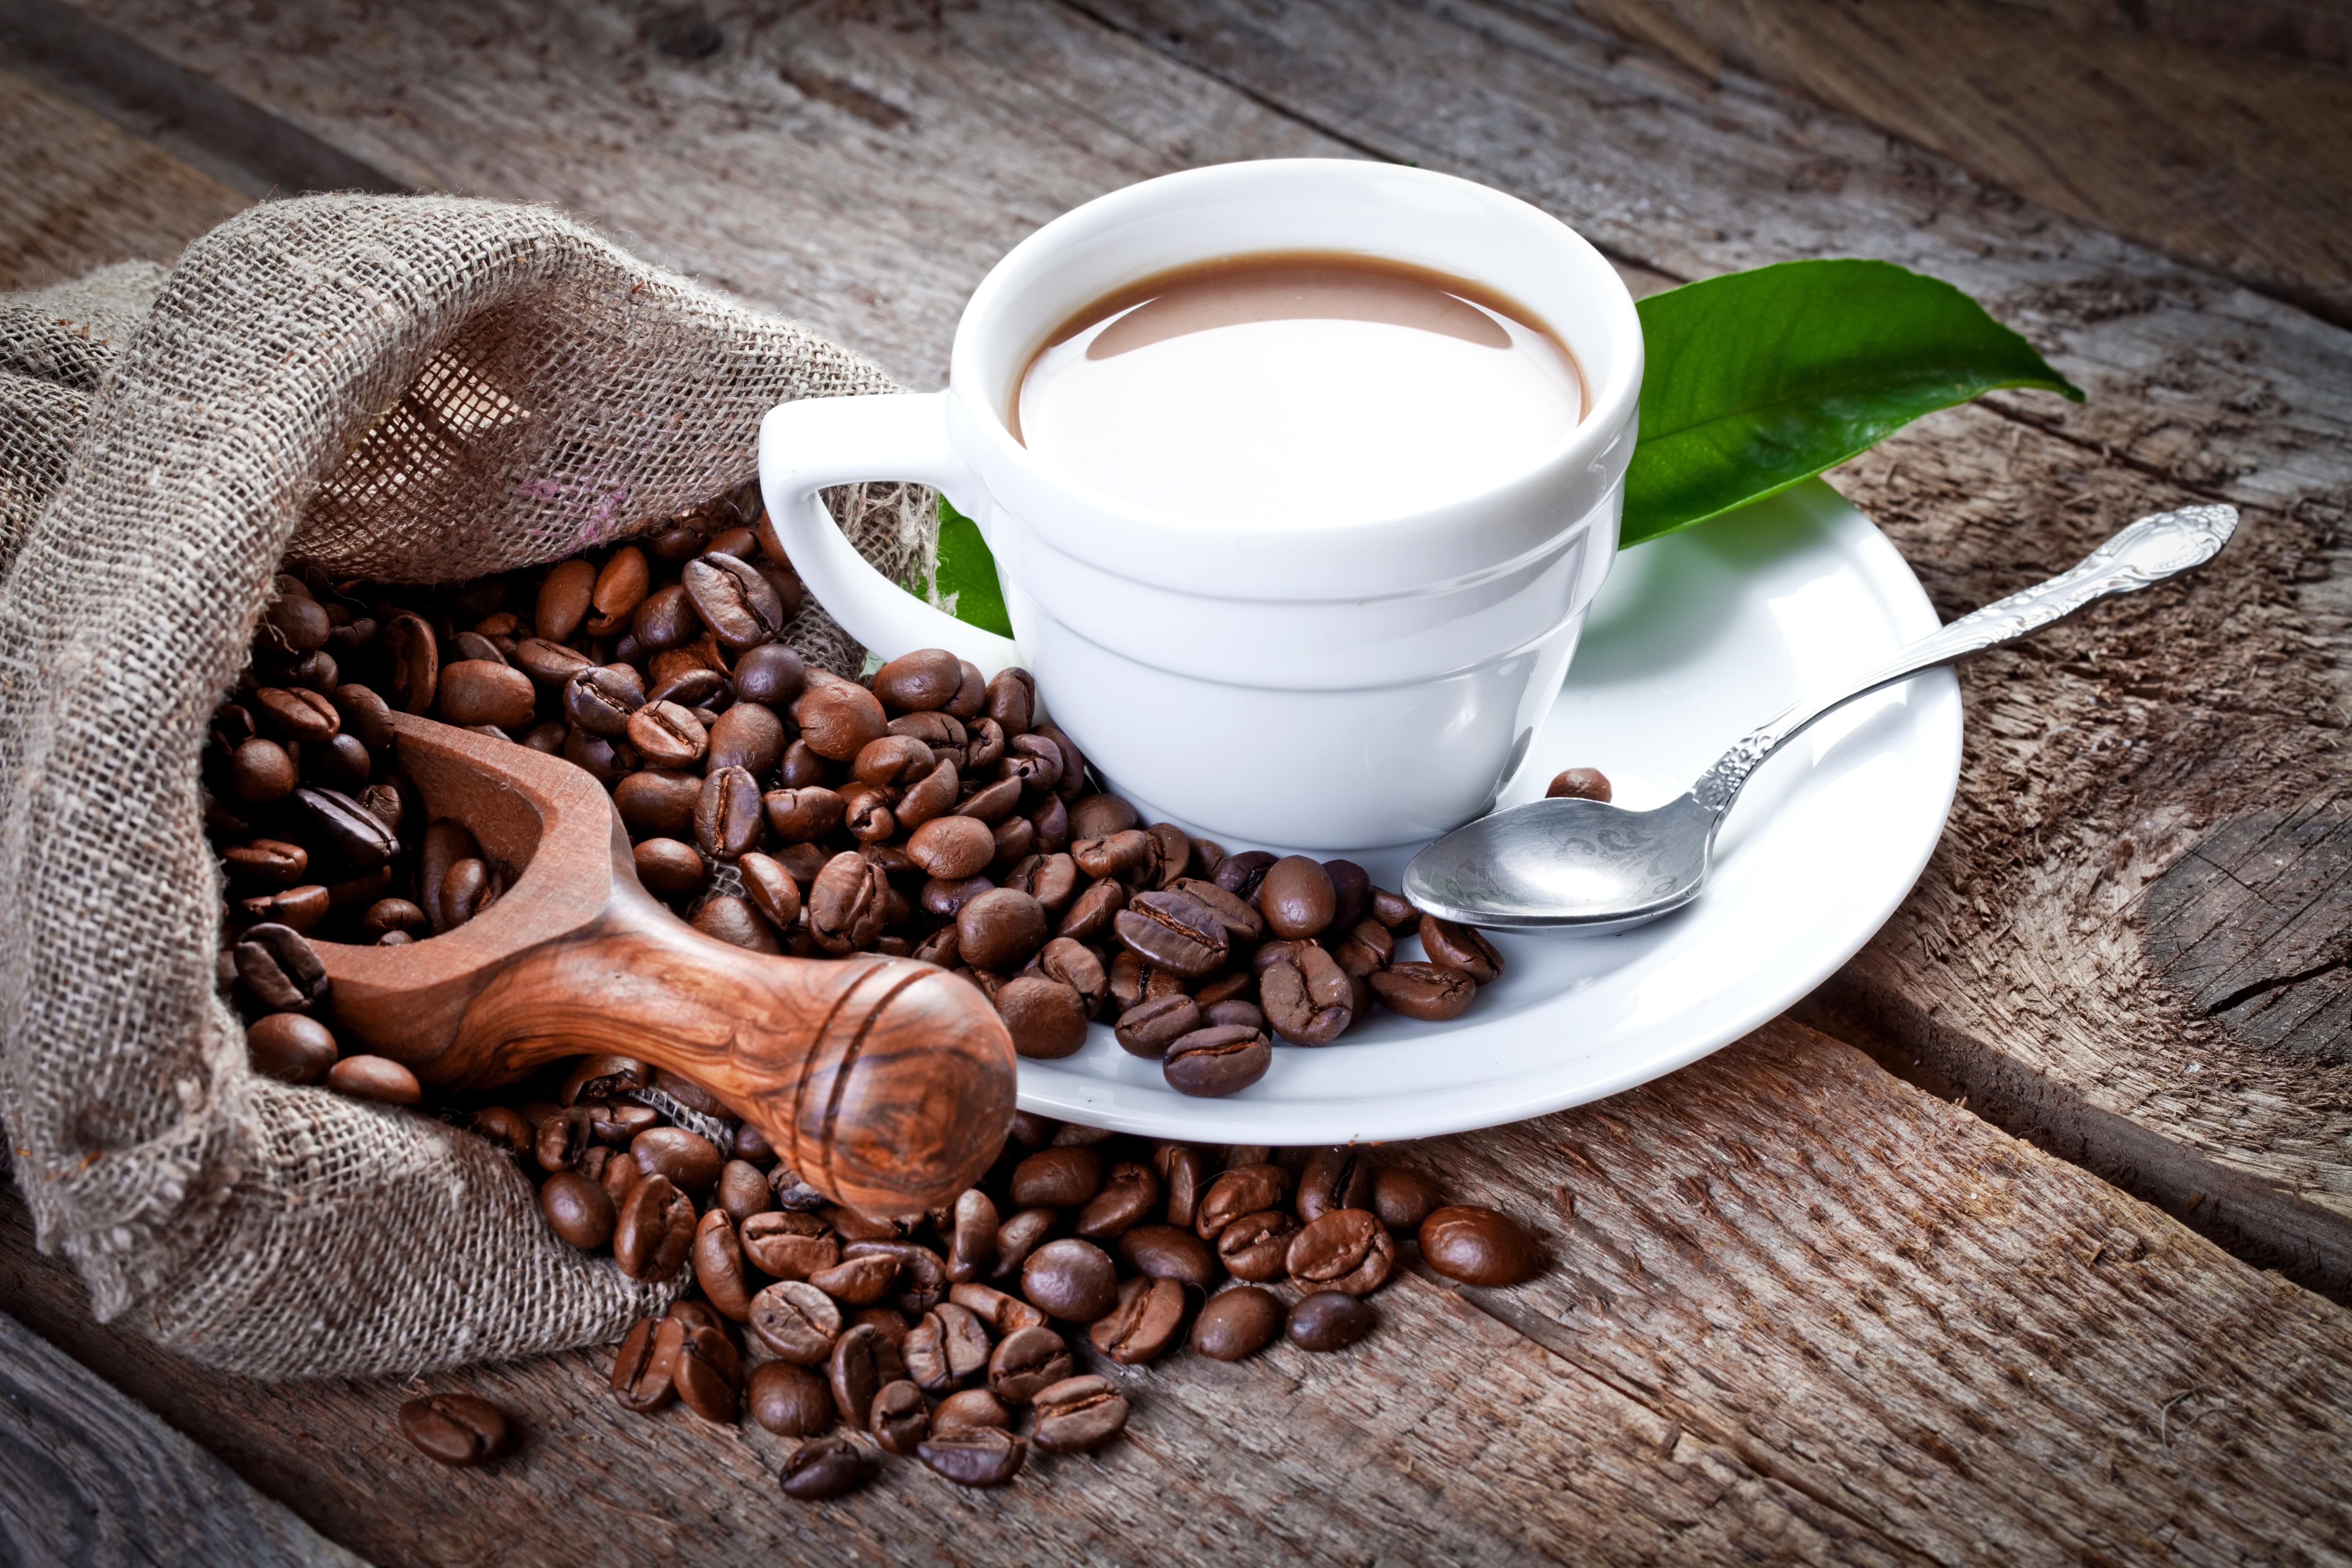 отрыли картинки кофе хорошего разрешения использовании